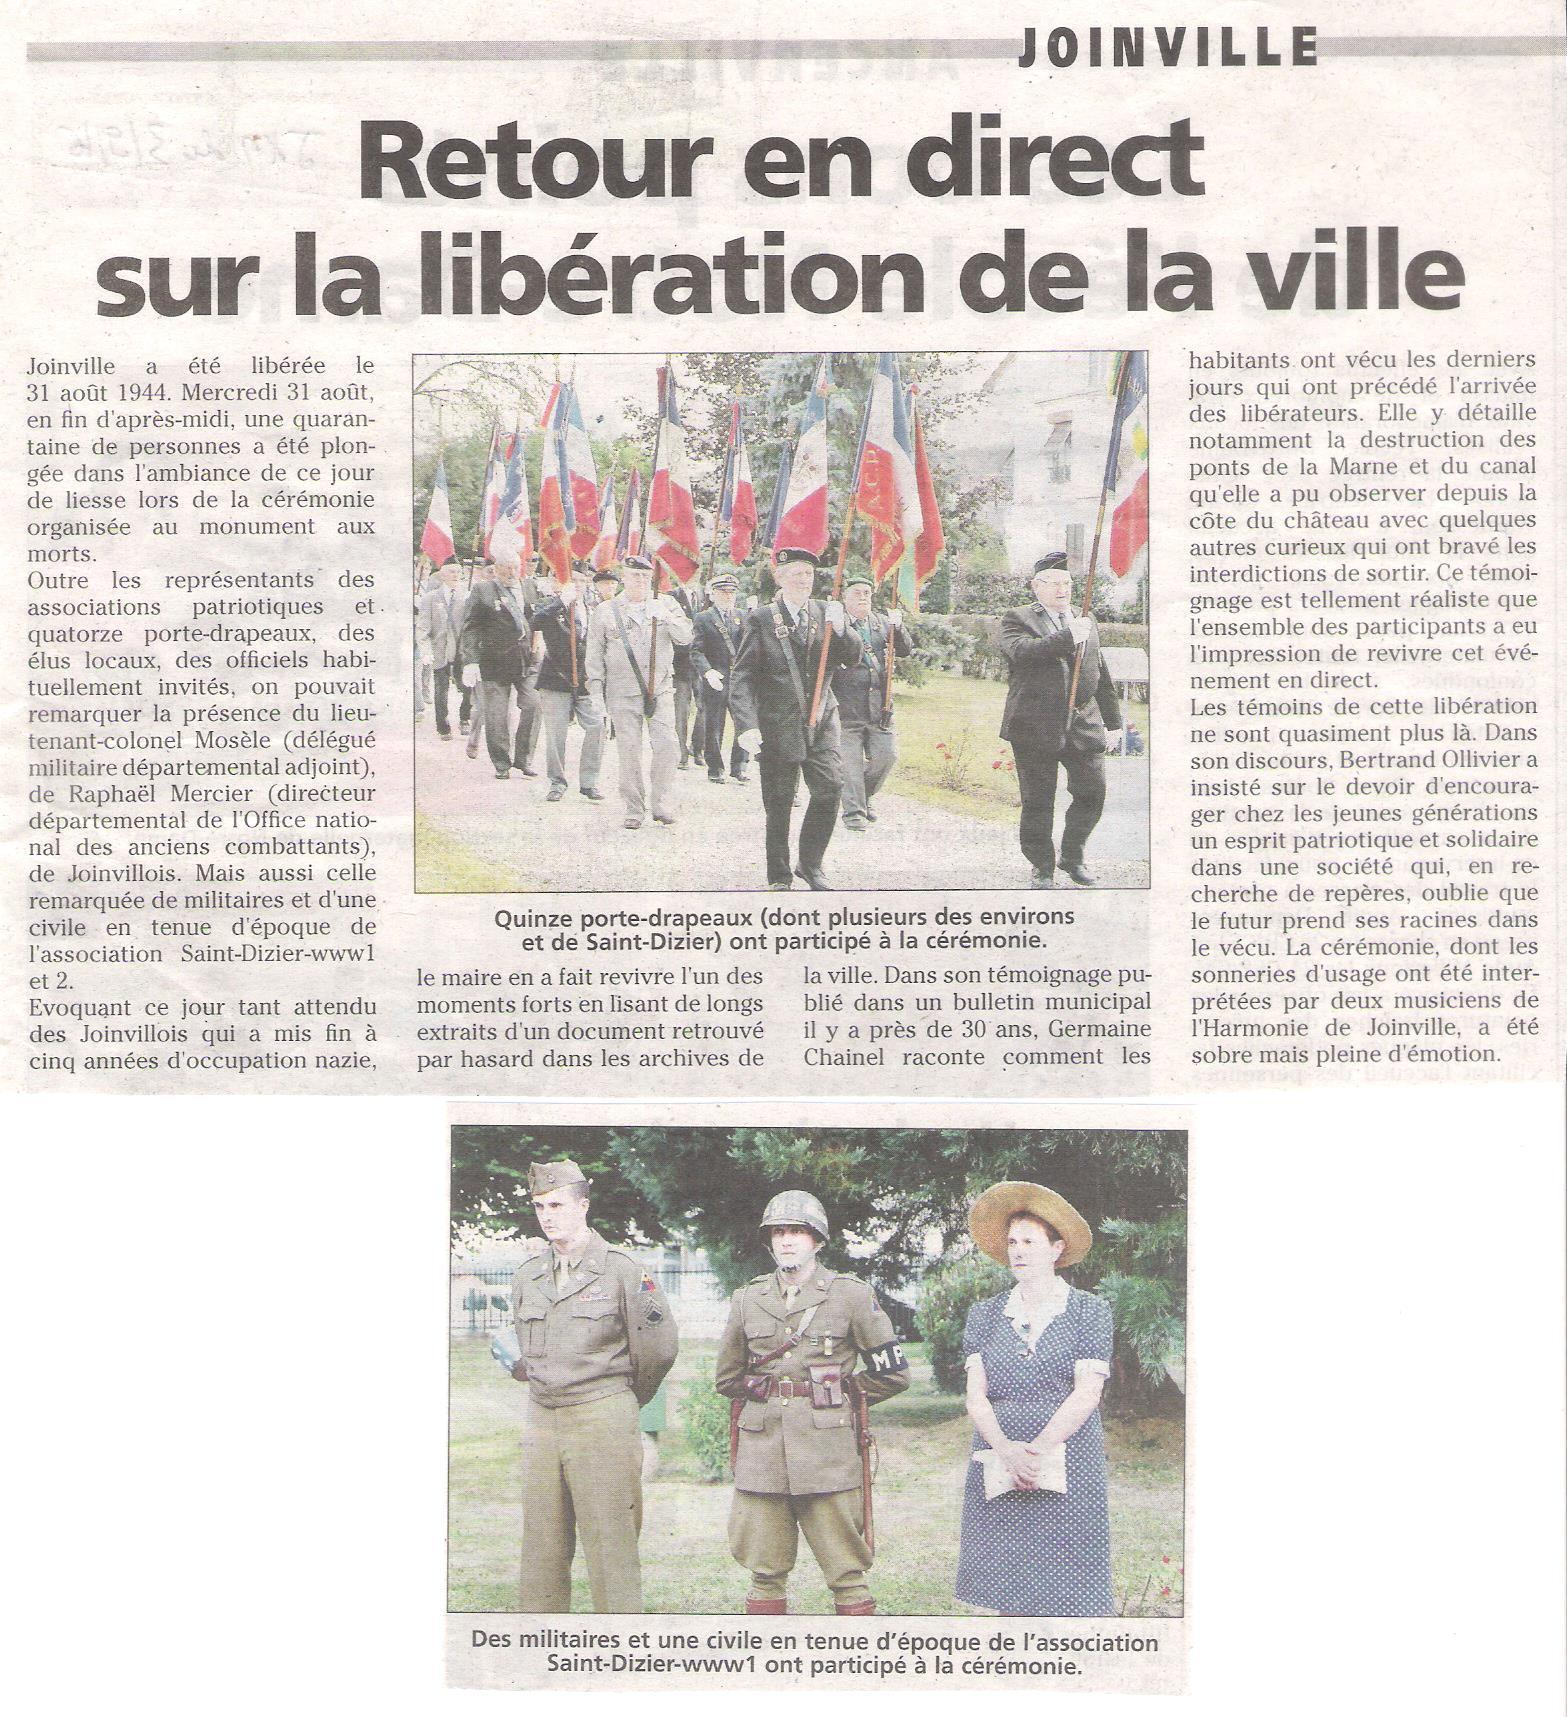 Libération de Joinville